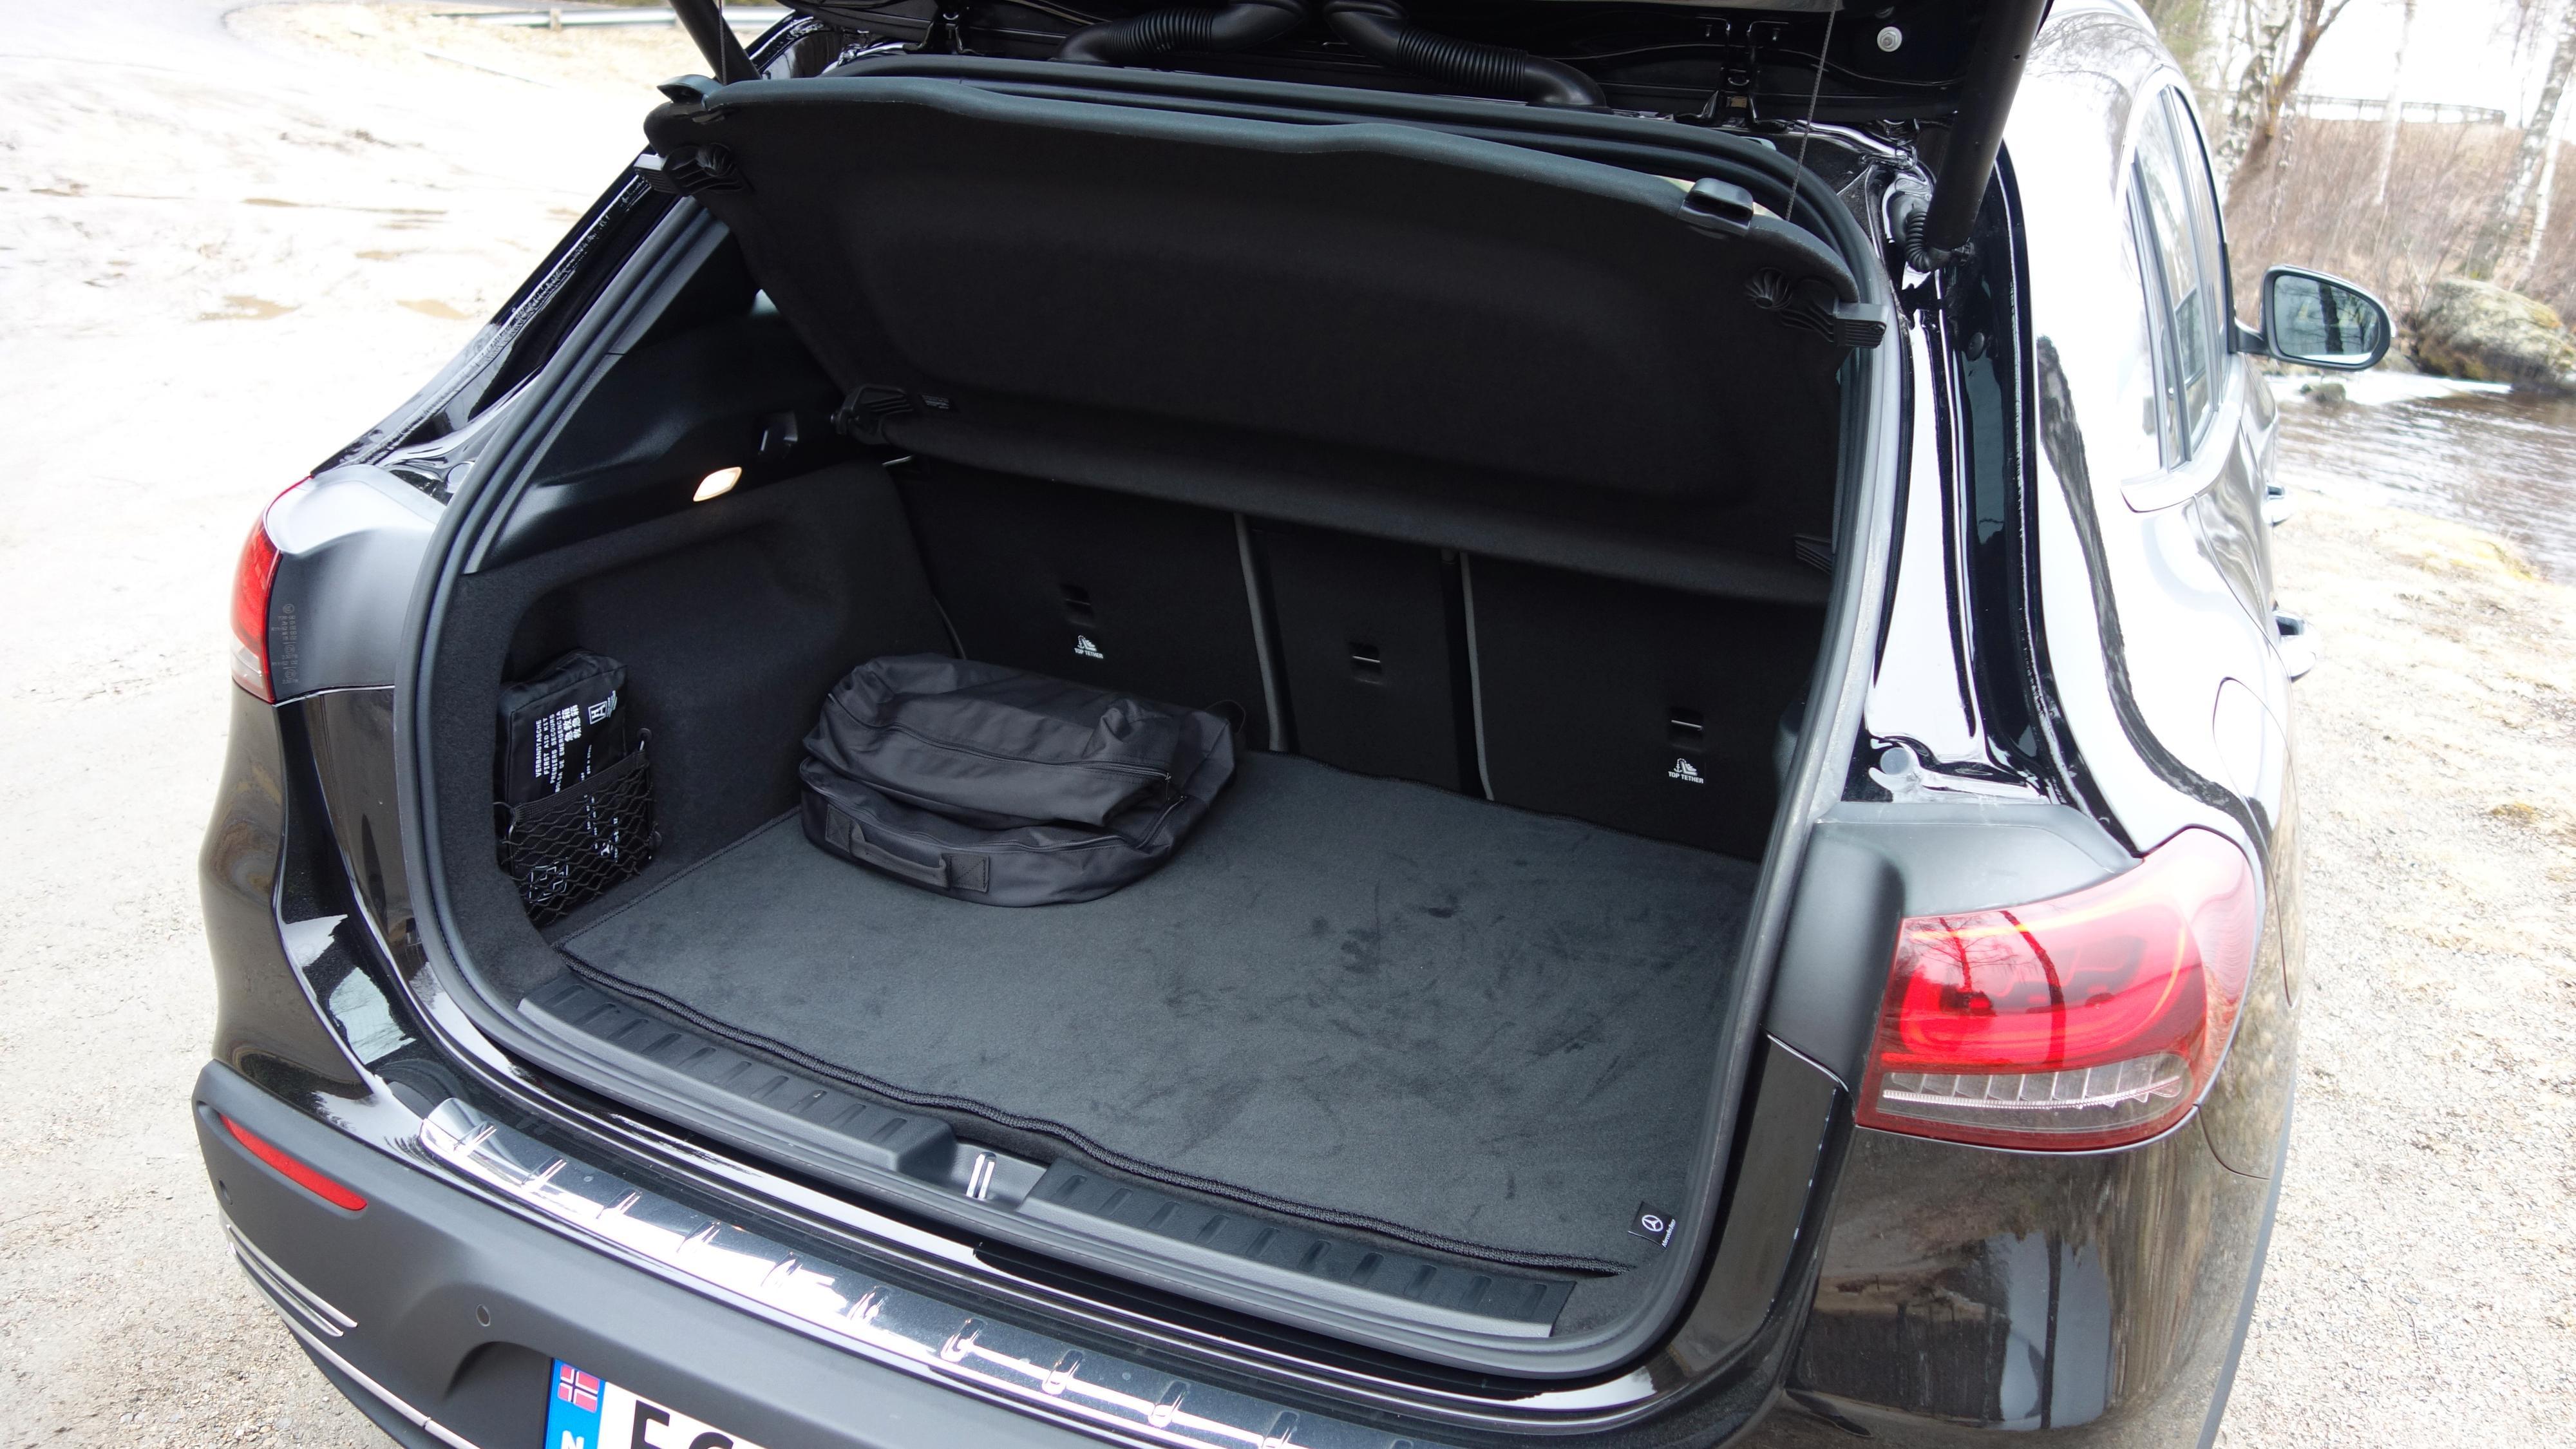 340 liter bagasjeplass er ikke mye i en bil til nærmere halvmillionen.